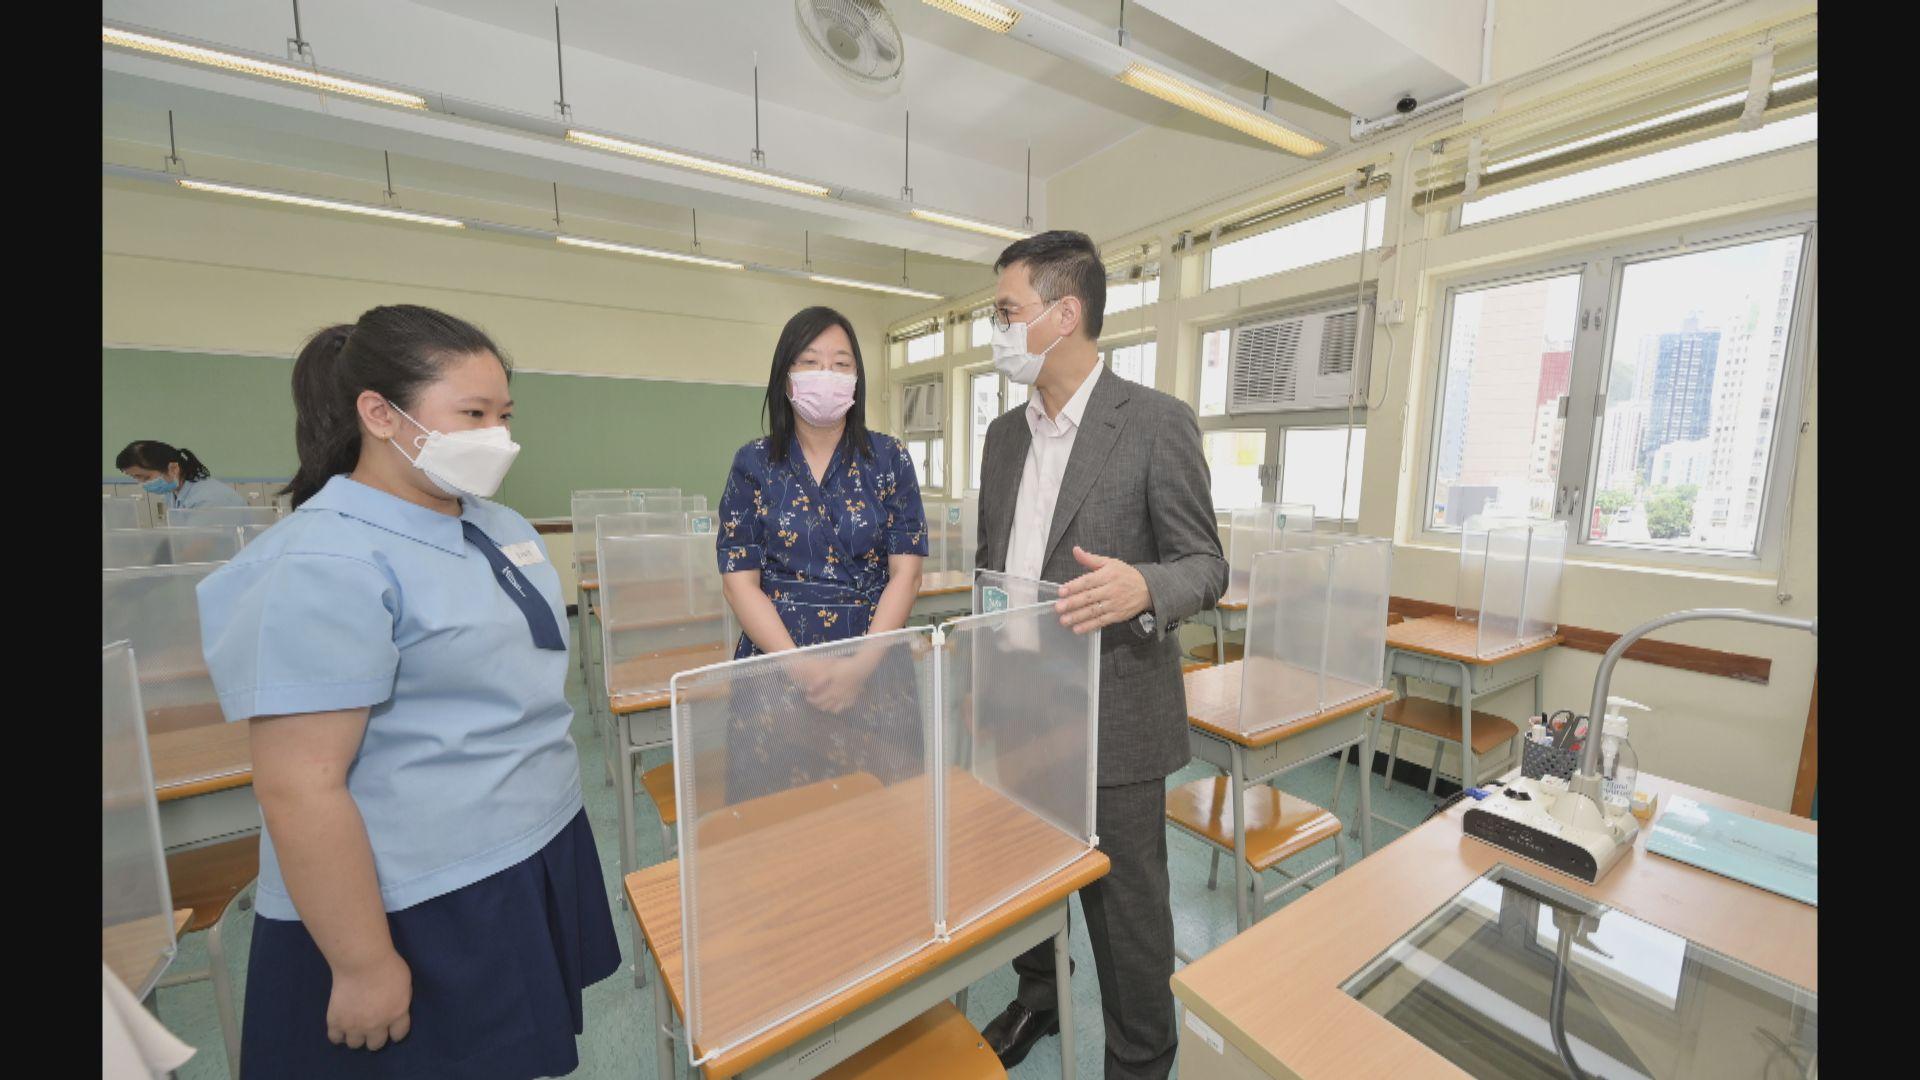 全港學校周一全面恢復面授 楊潤雄視察學校防疫工作